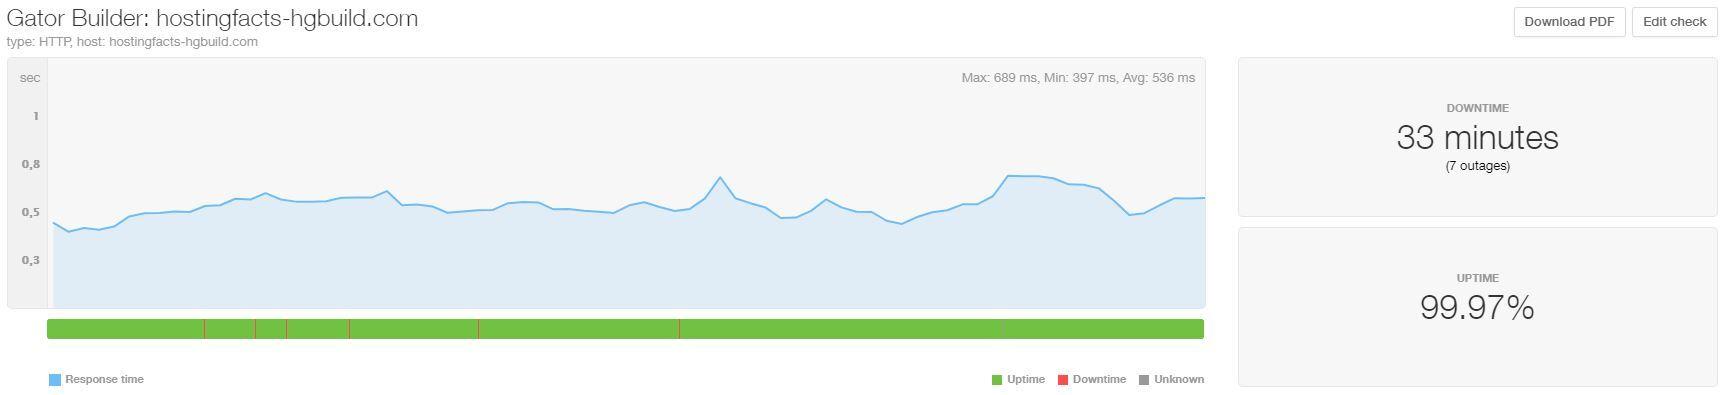 HostGator uptime and speed April-June